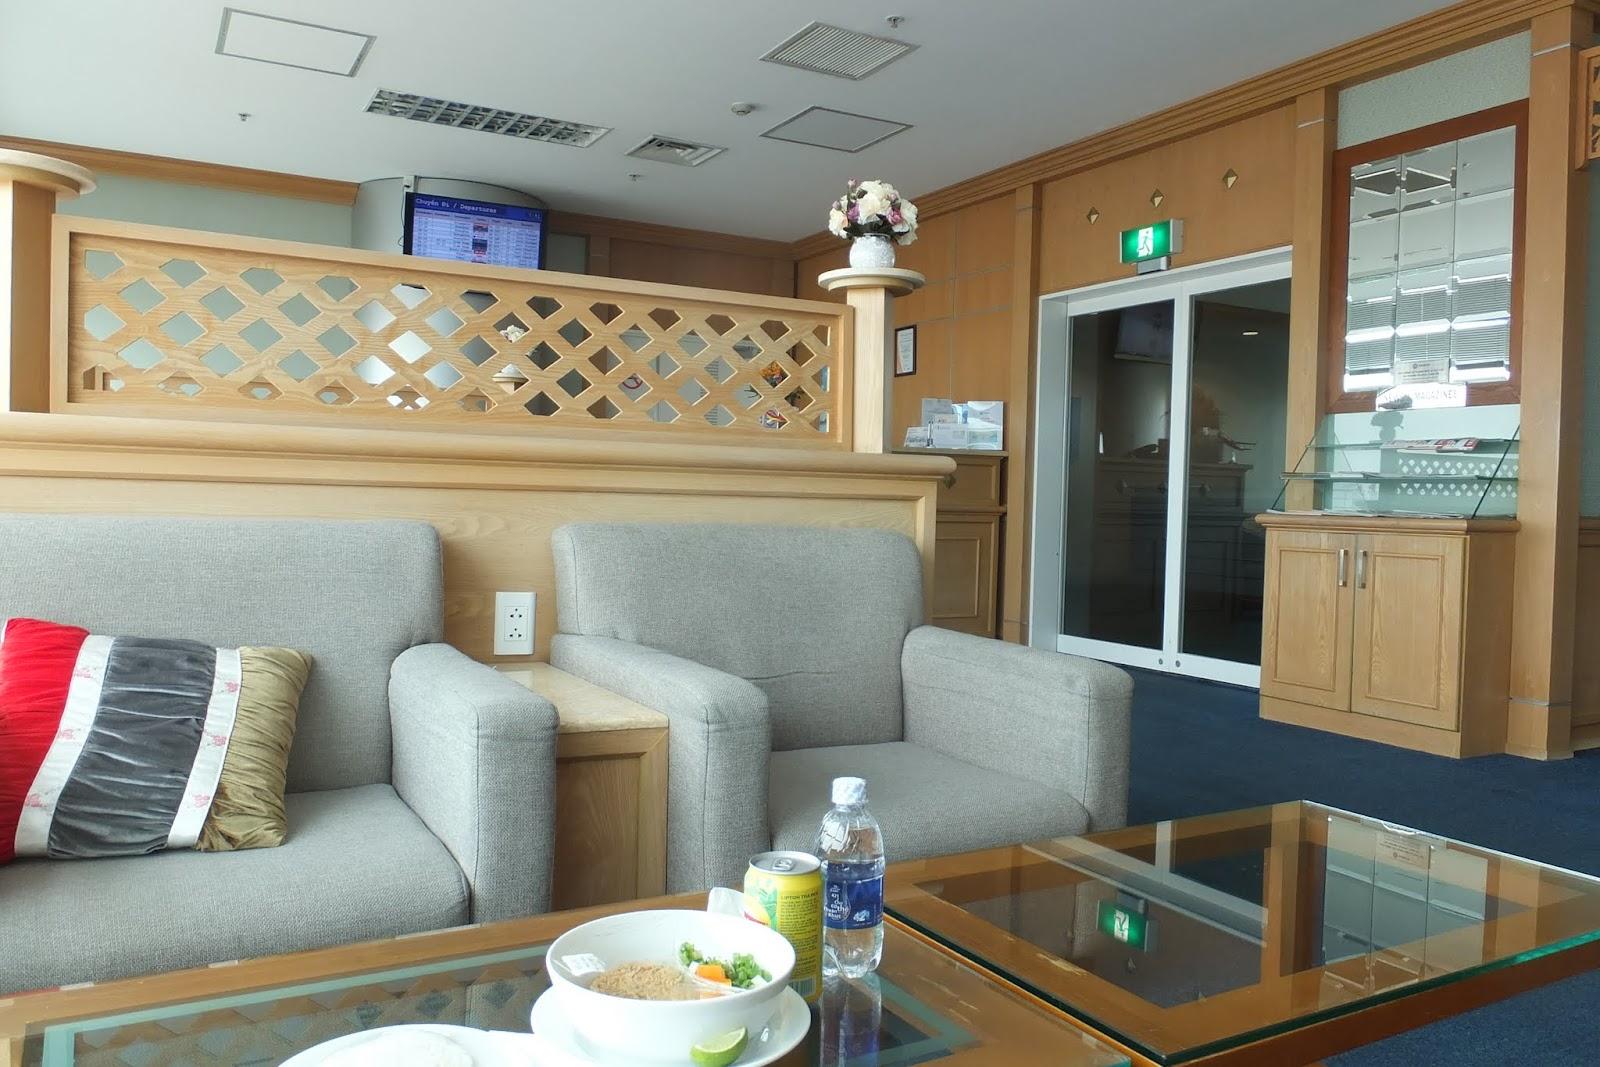 apricot-lounge-hcmc ホーチミン市の空港ラウンジ